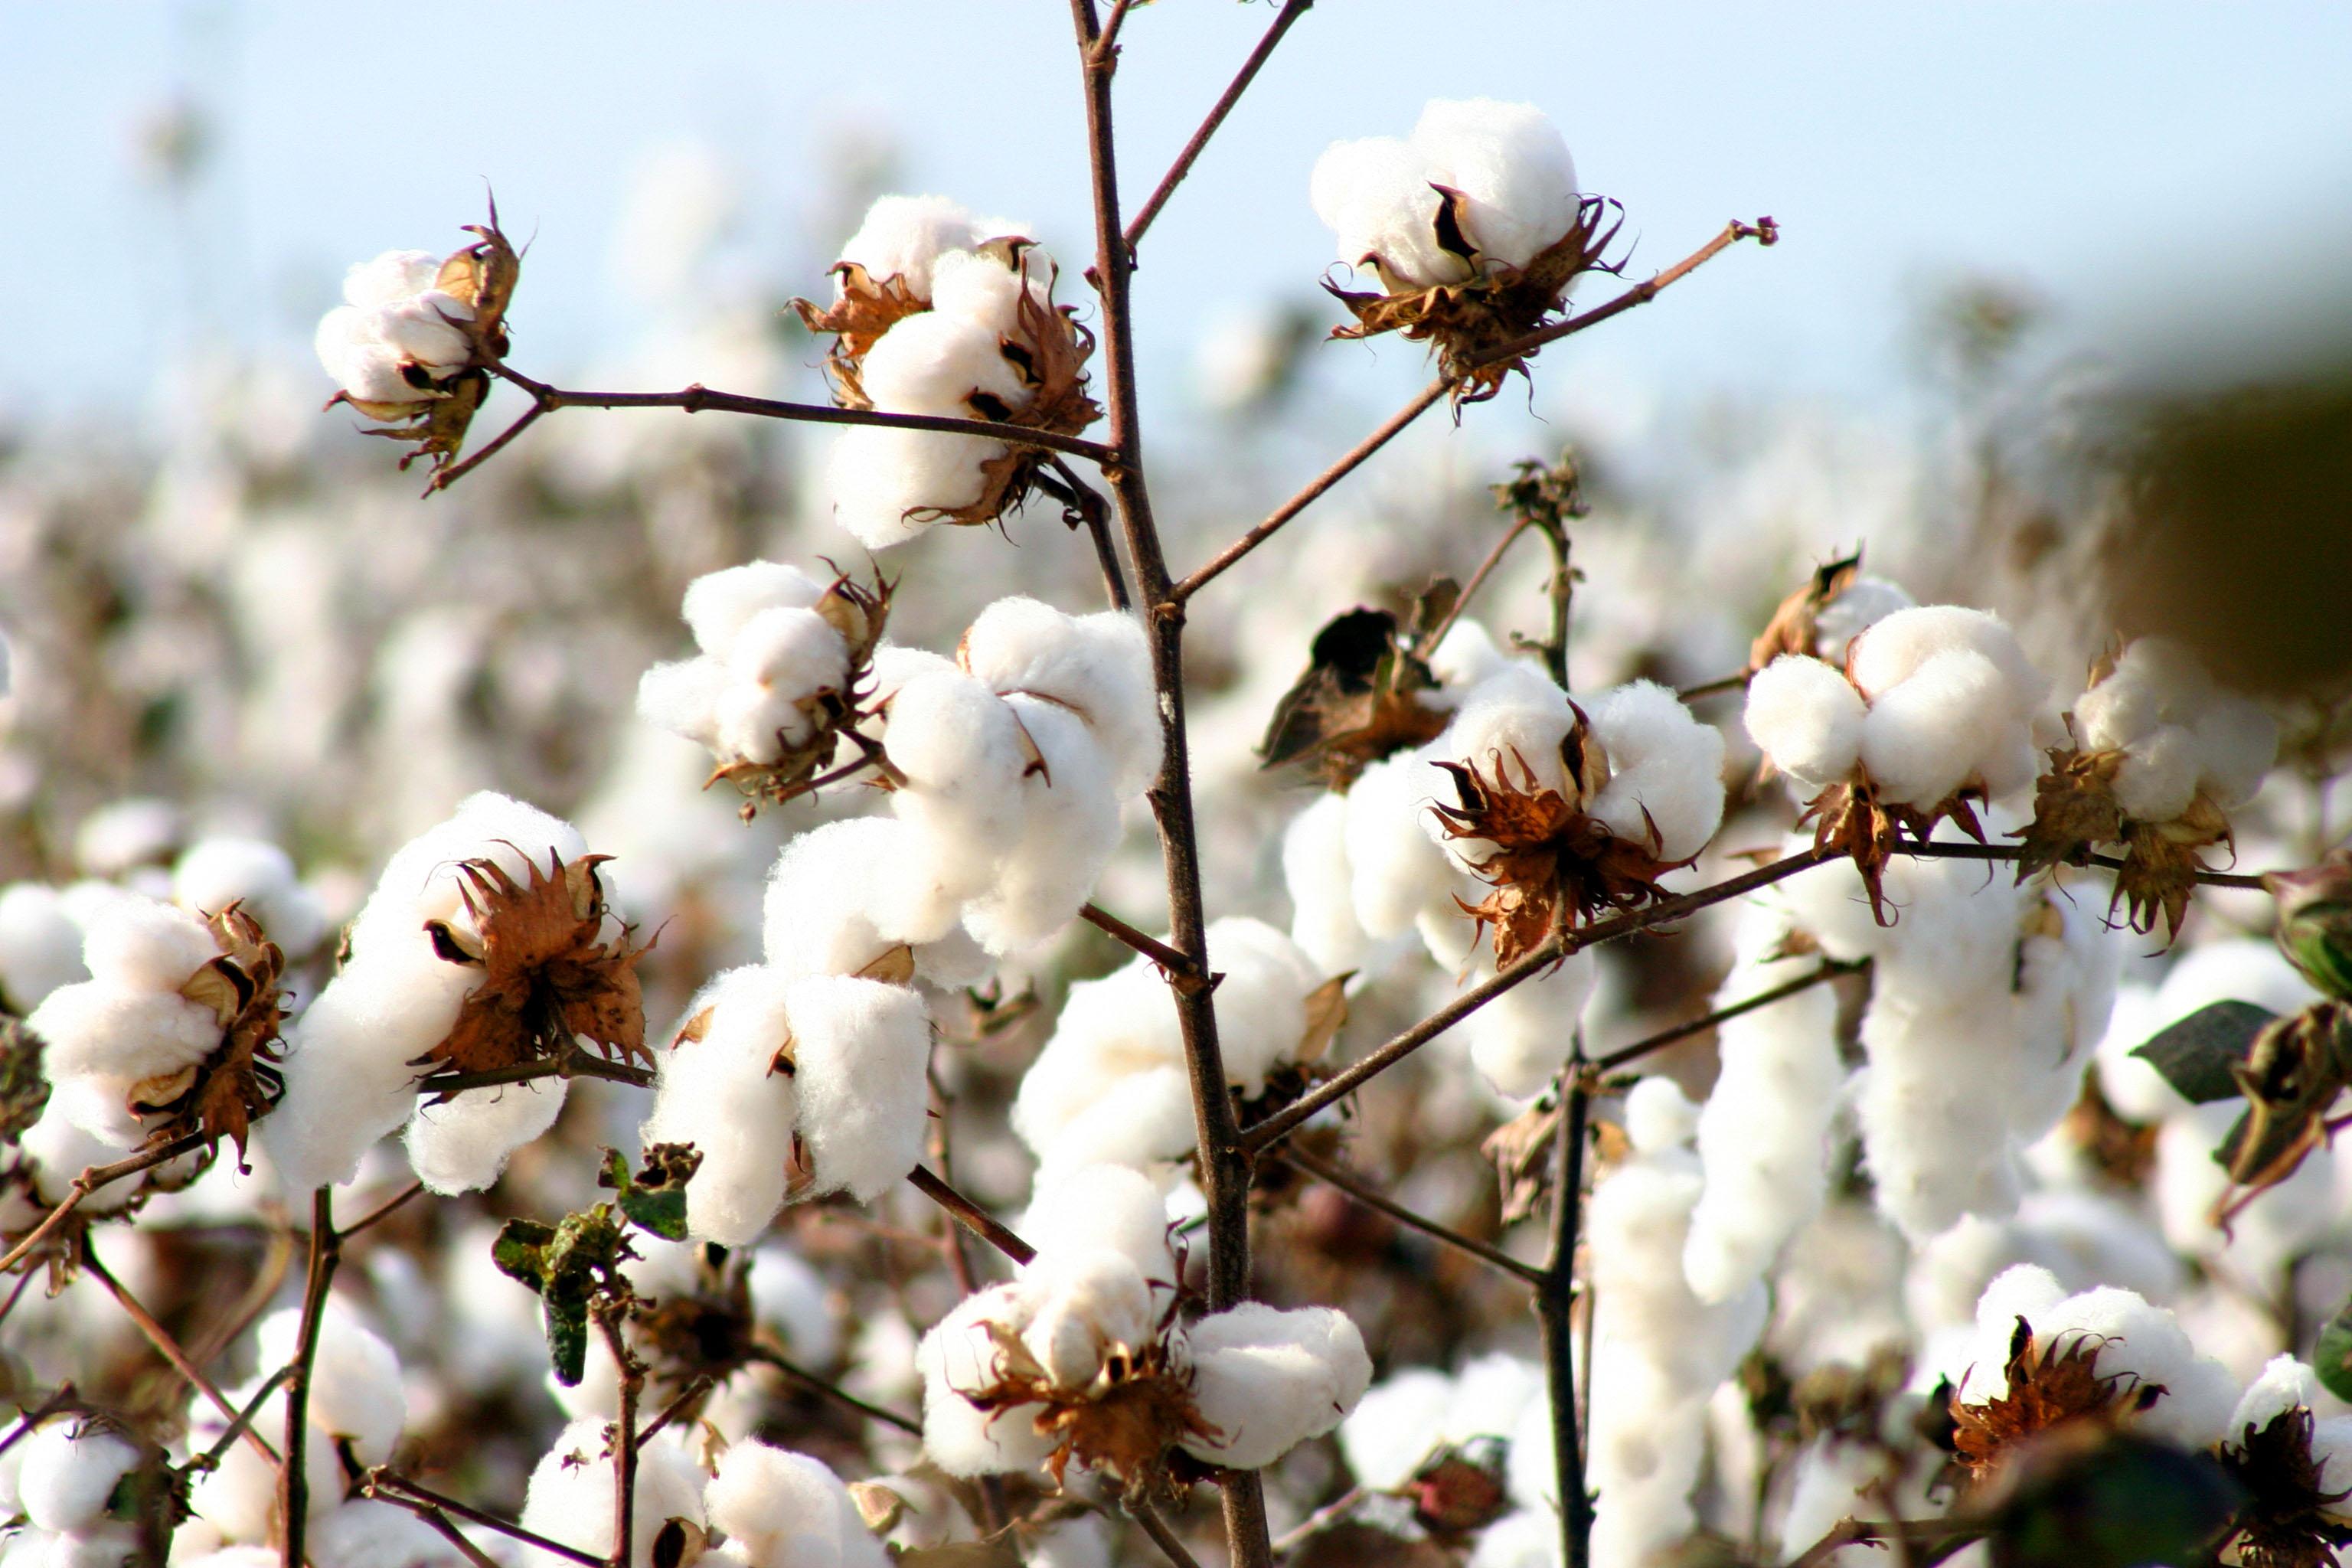 algodao-cotton-campo-verde-1409593